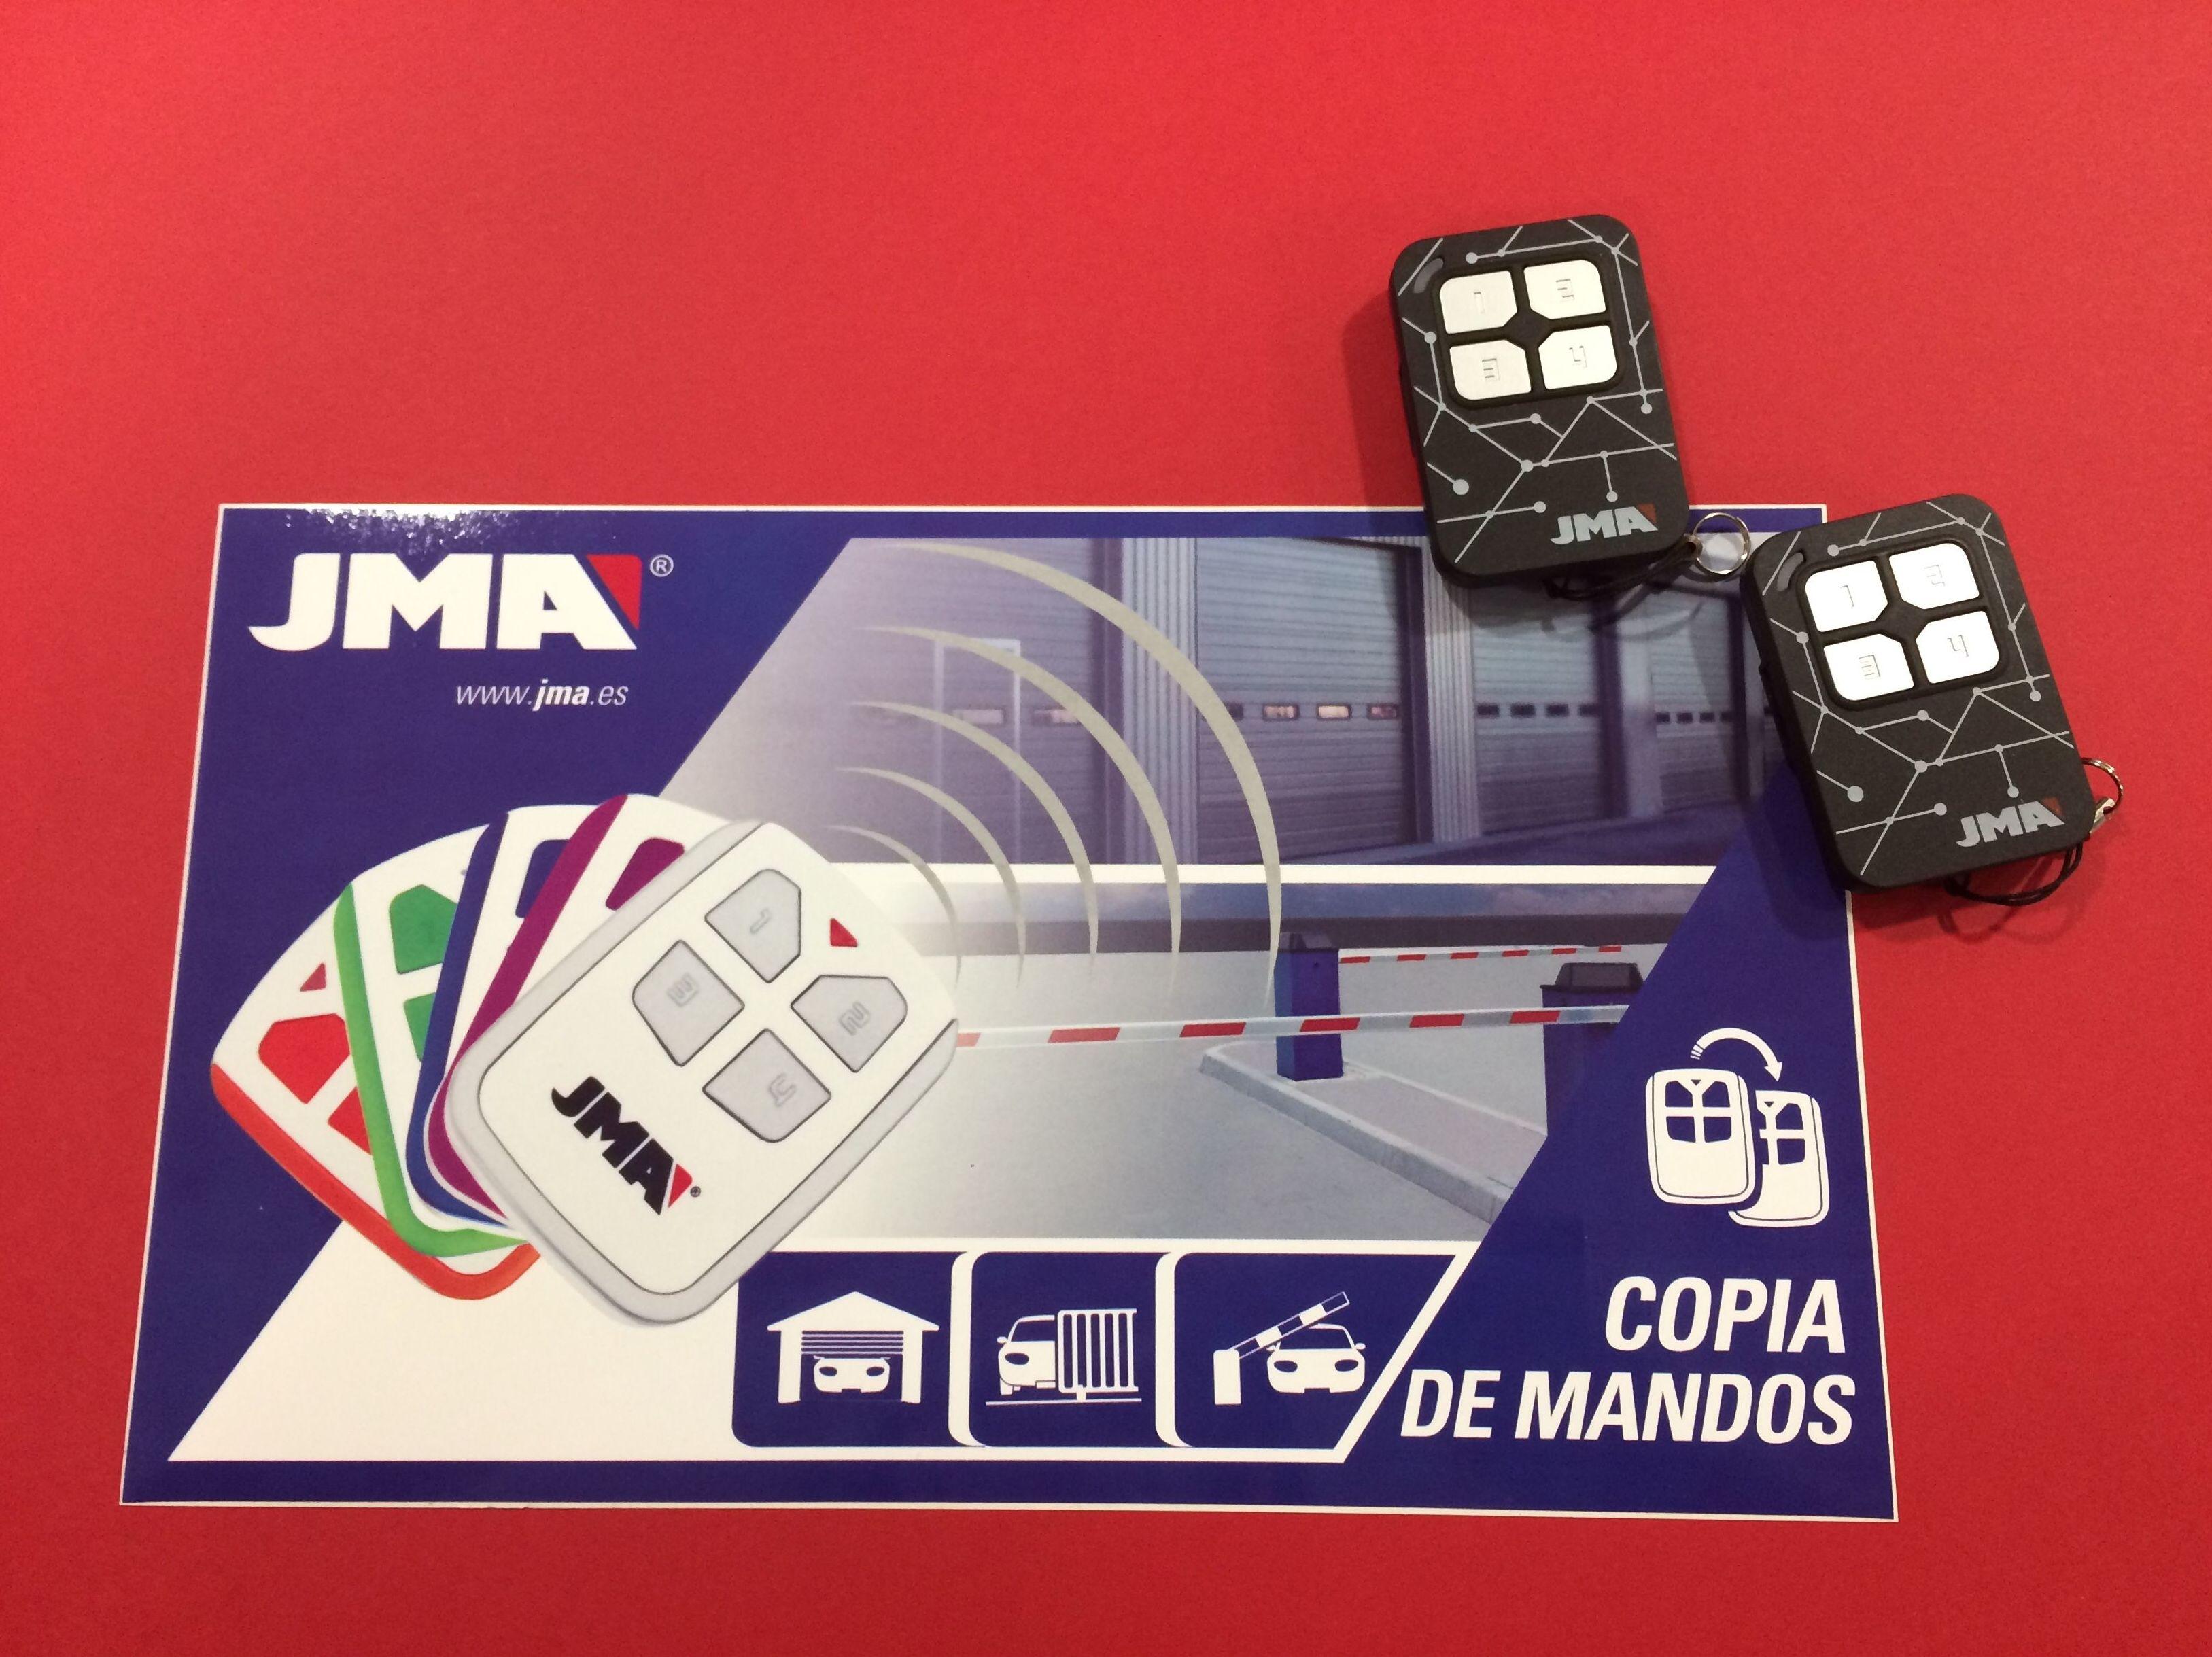 Duplicado de mandos / Ferretería el Matadero en Puebla de Sanabria